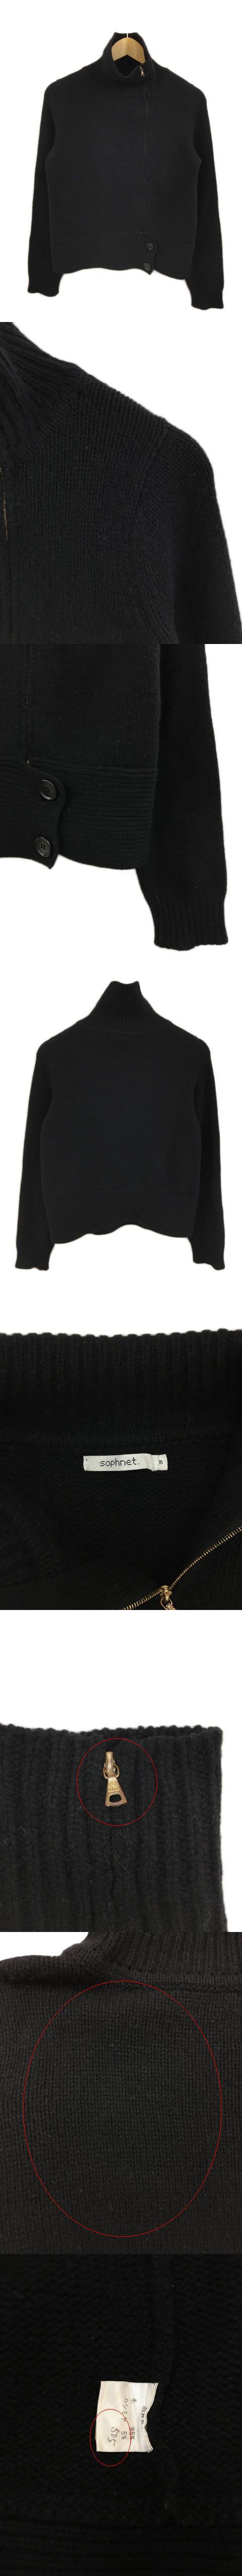 ブルゾン ジャケット ニット タートルネック ジップアップ ウール カシミヤ混  無地 長袖 m 黒 ブラック